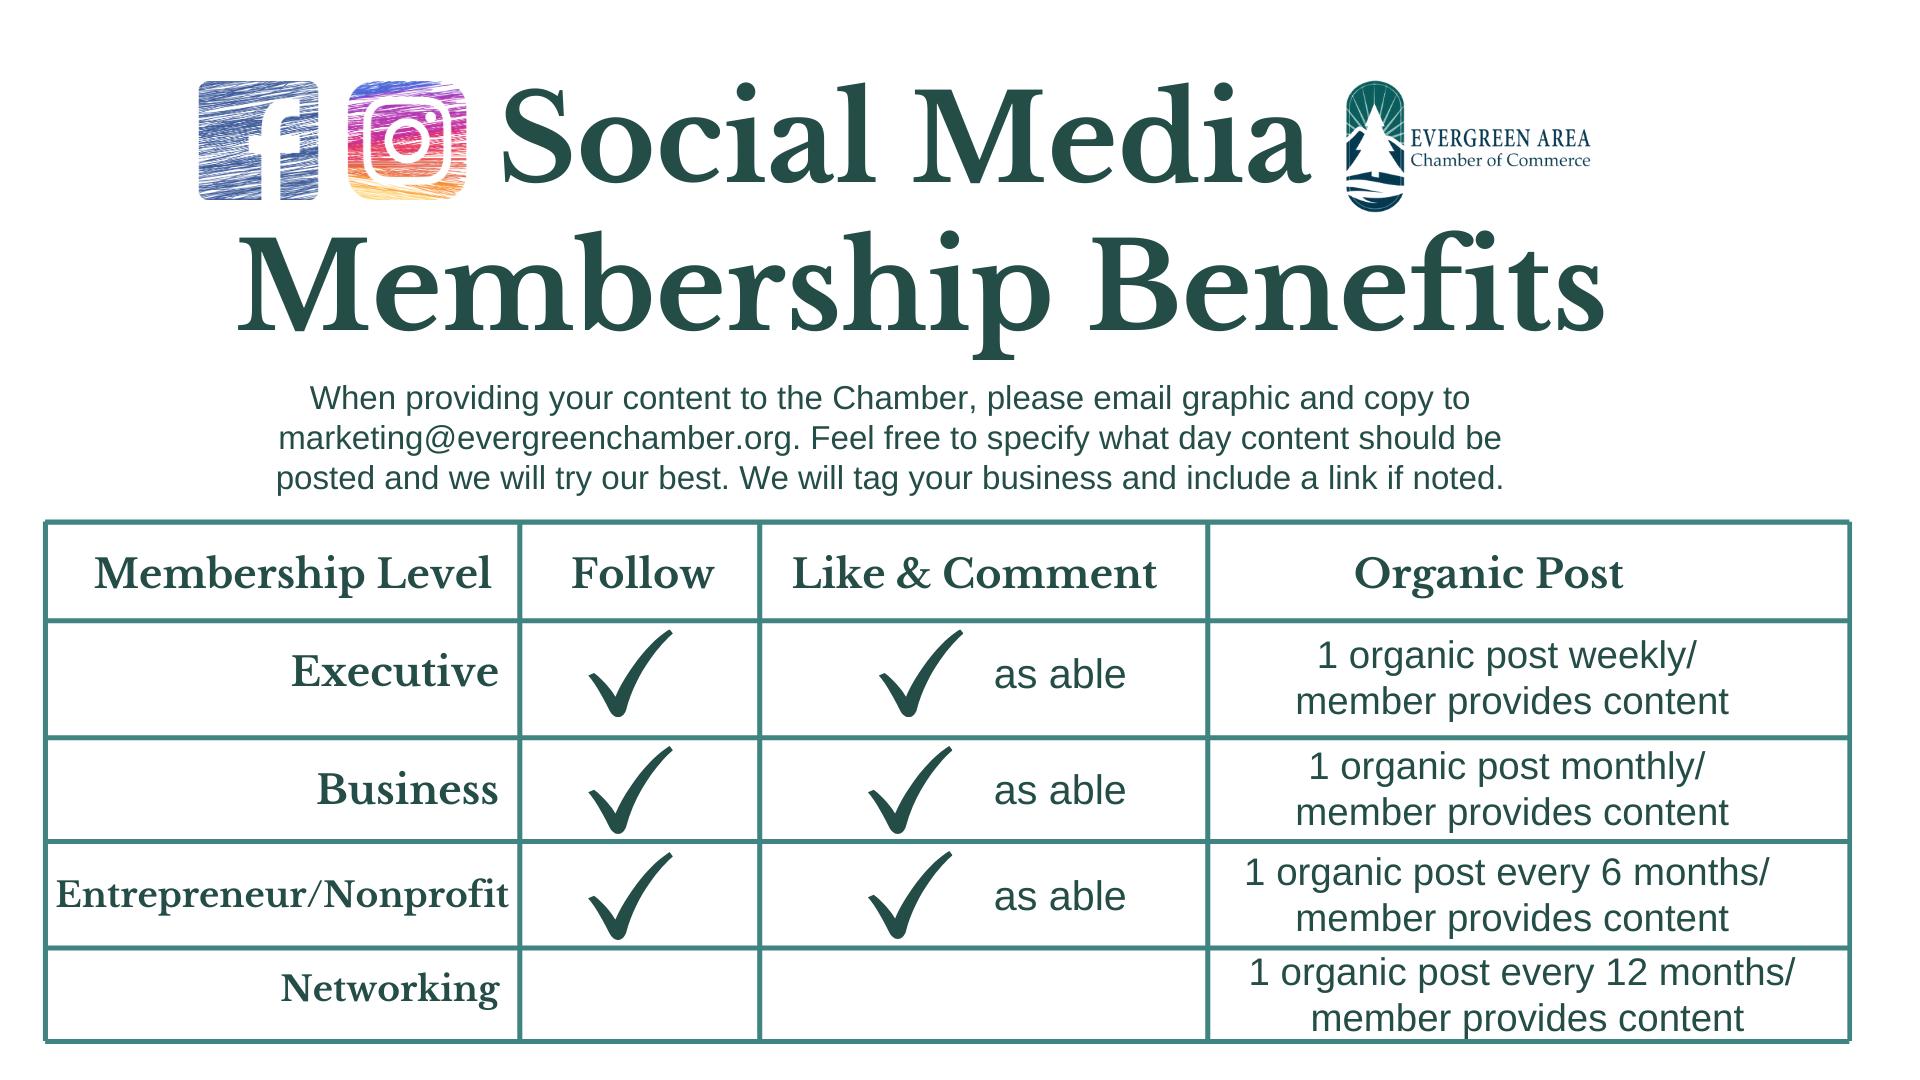 Social Media Benefits 4.14.21